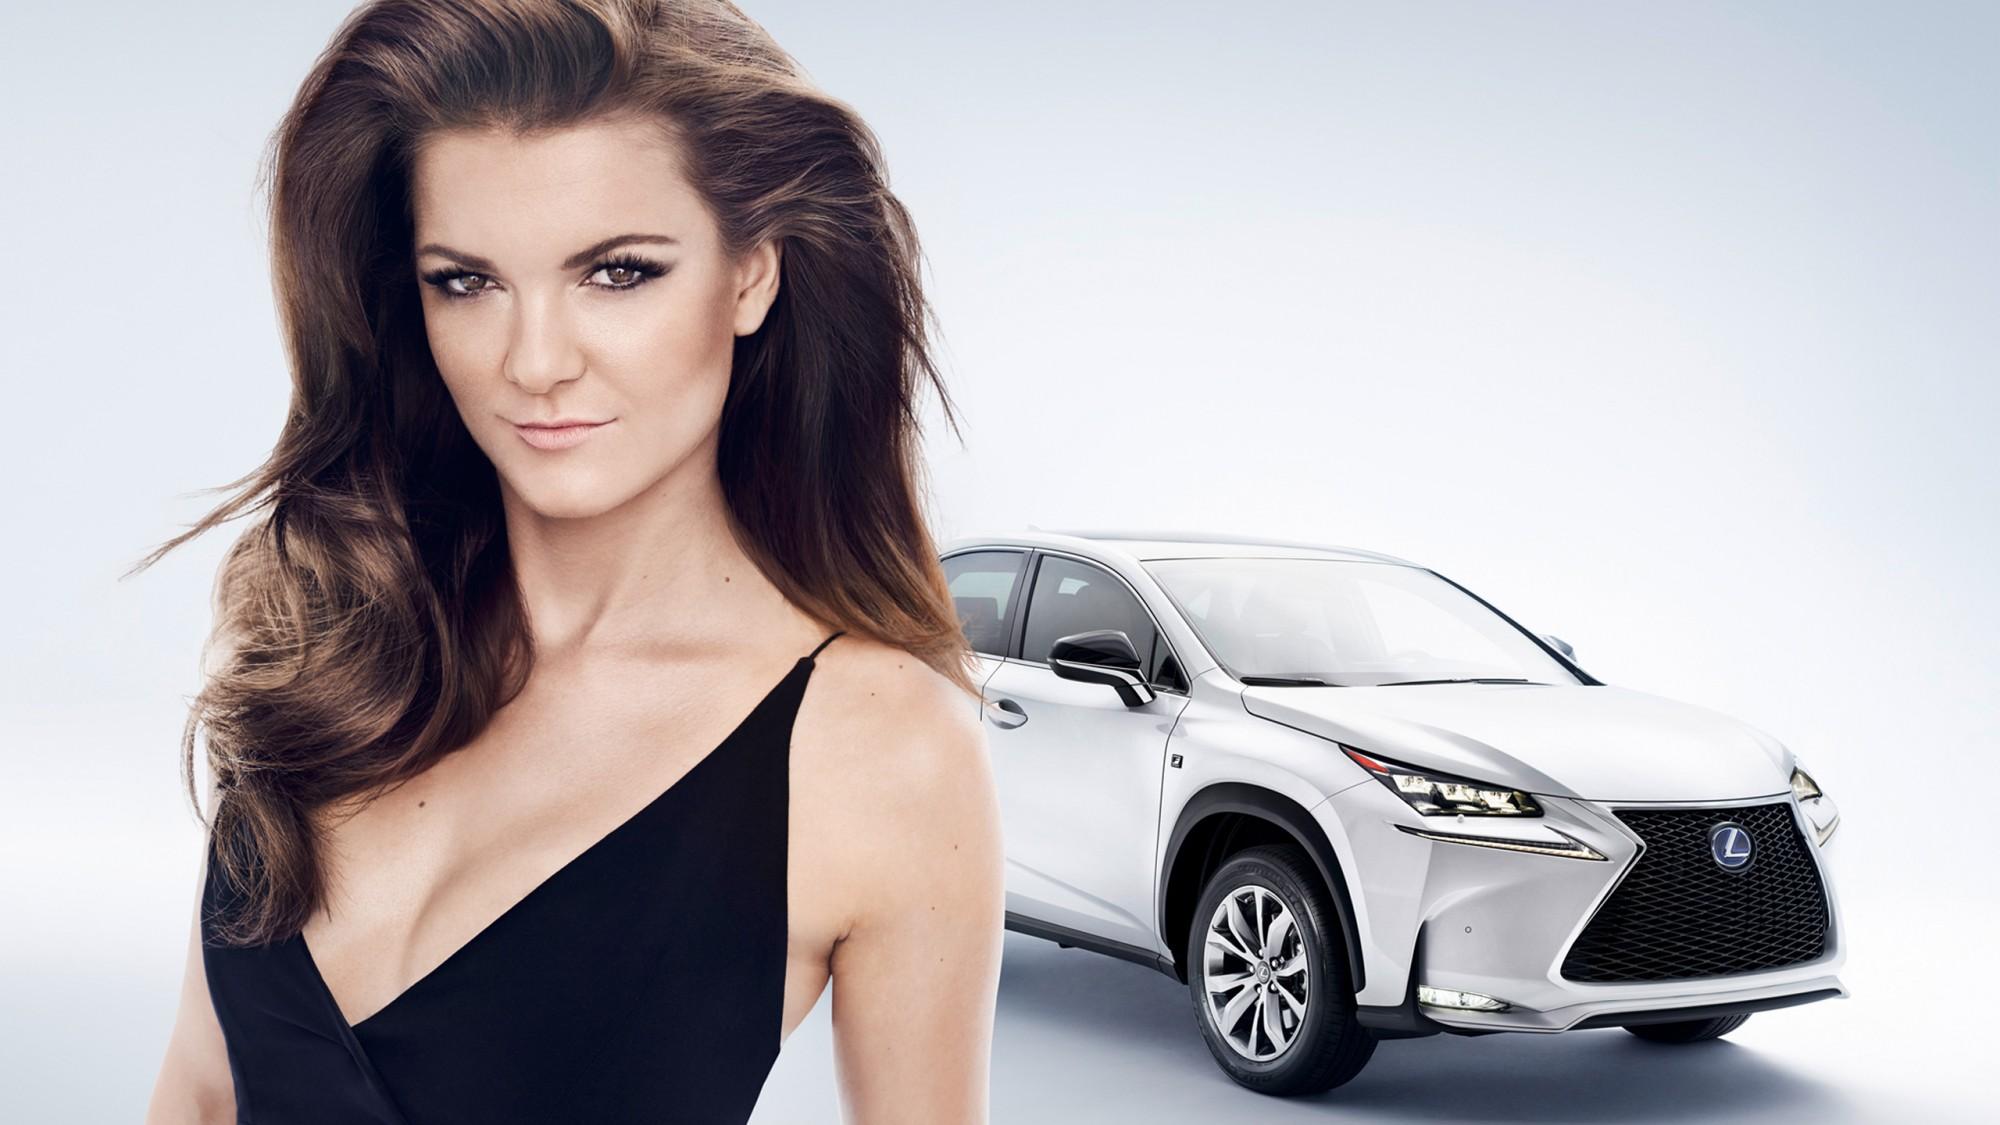 Агнешка Радваньска в фотосессии для Lexus